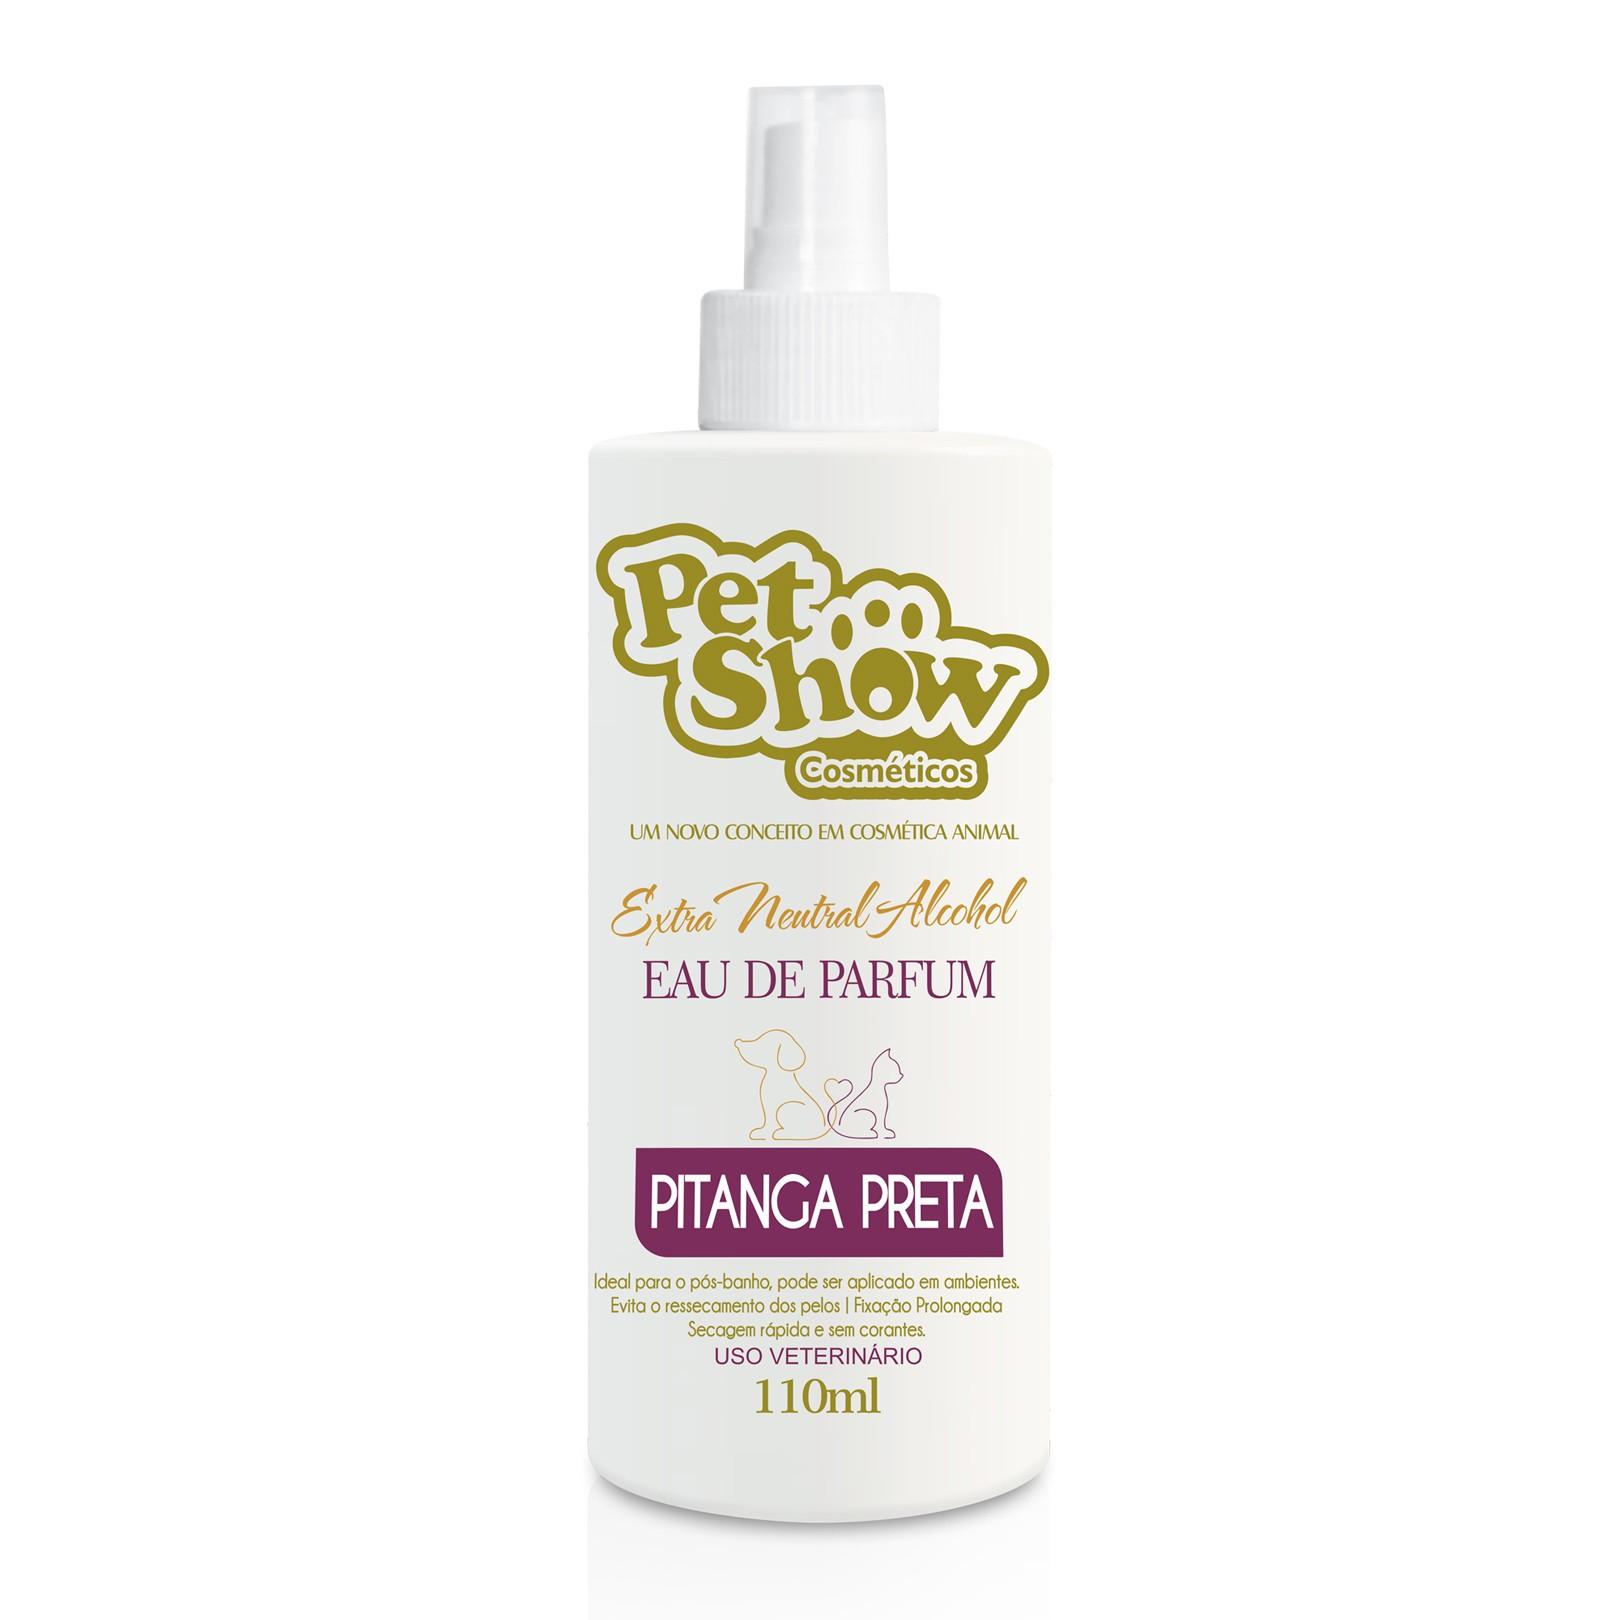 Perfume Pitanga Preta 110ml Pet Show